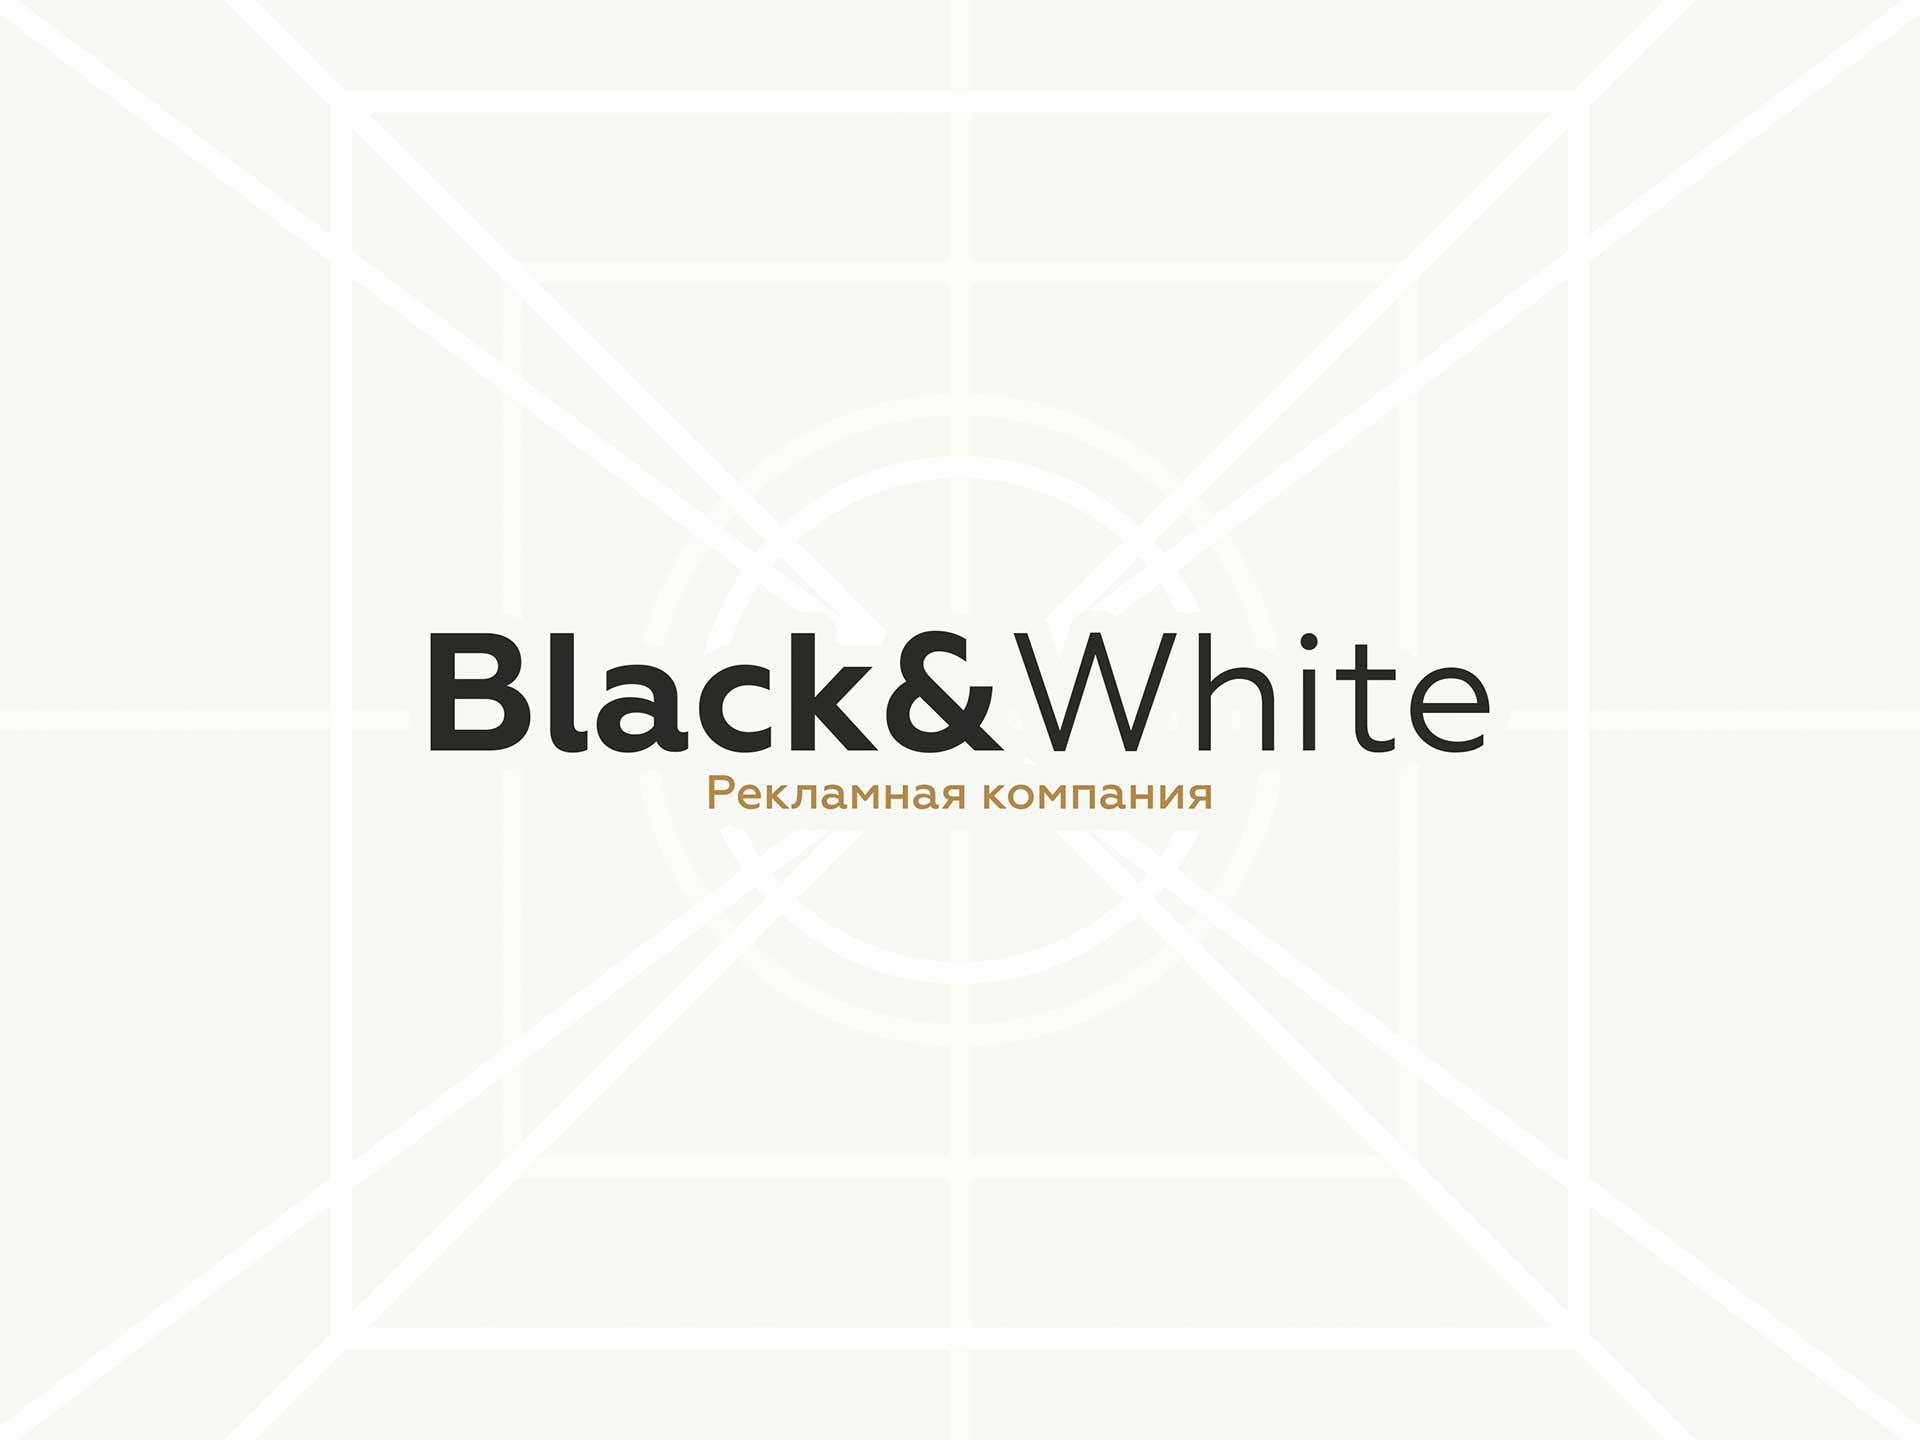 Black&White-1.jpg